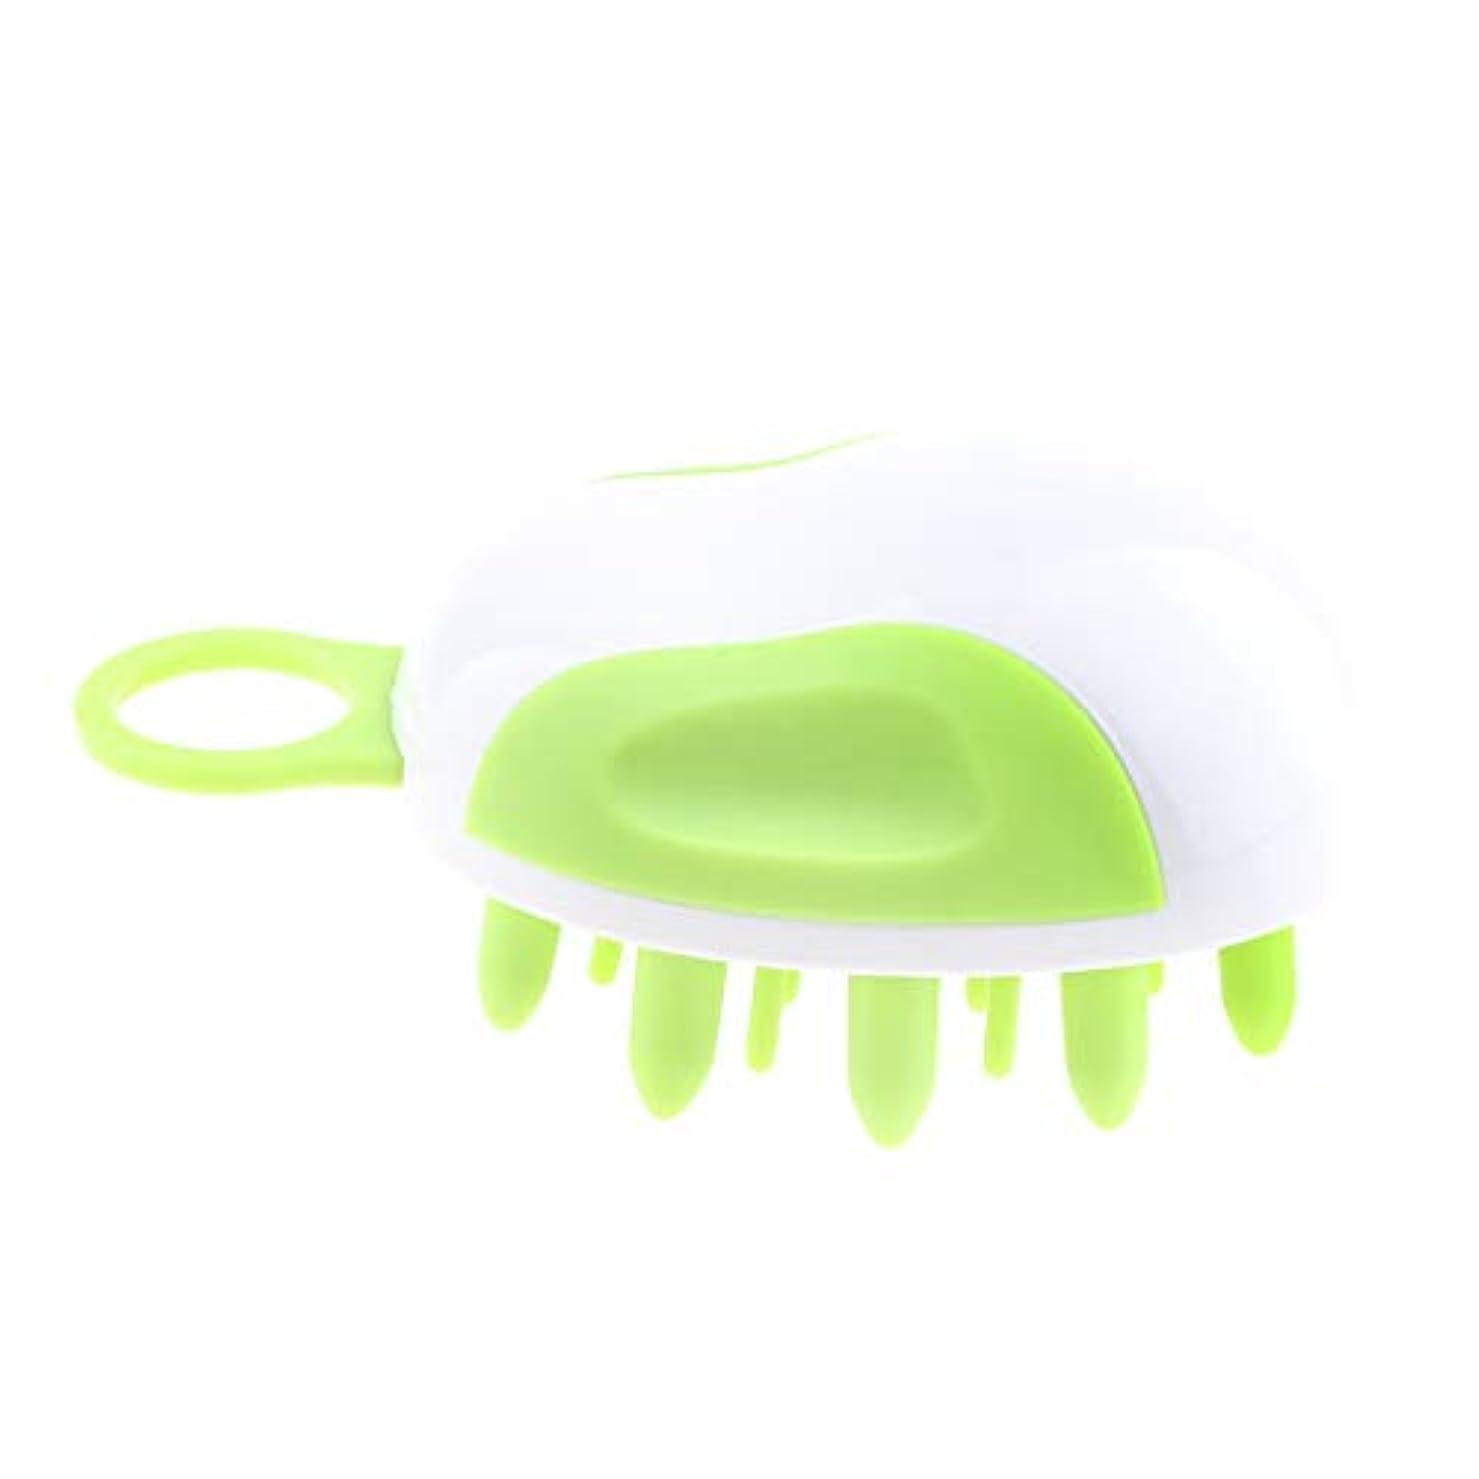 メルボルン加害者エッセイT TOOYFUL シリコン 頭皮マッサージャー ブラシ シャンプーブラシ 育毛グリーン用 柔らかい 耐久性 丈夫 全2カラー - 緑